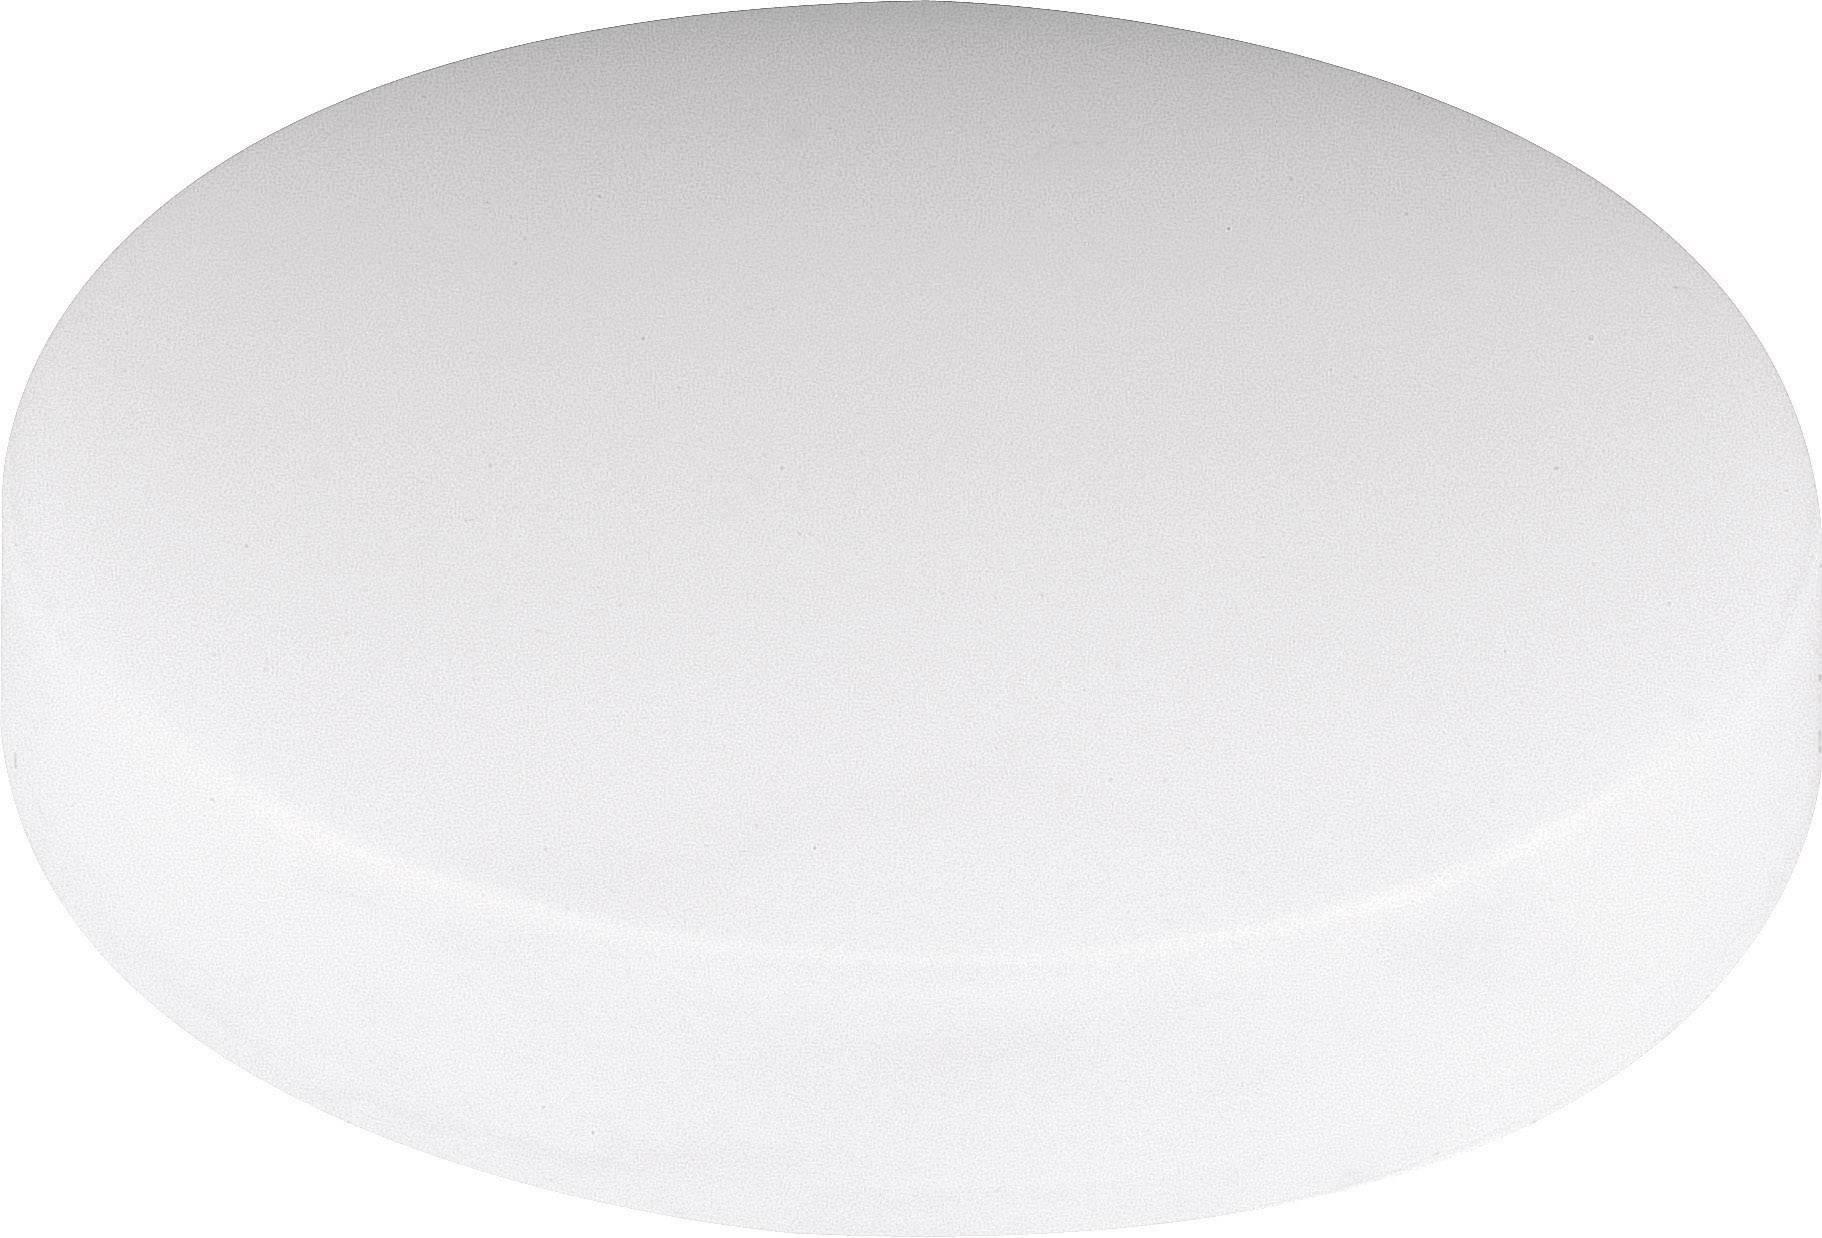 Světelná krytka pro reflektor Mentor, 2451.0300, 18 mm, (Ø x v) 19.1 mm x 3 mm, čirá